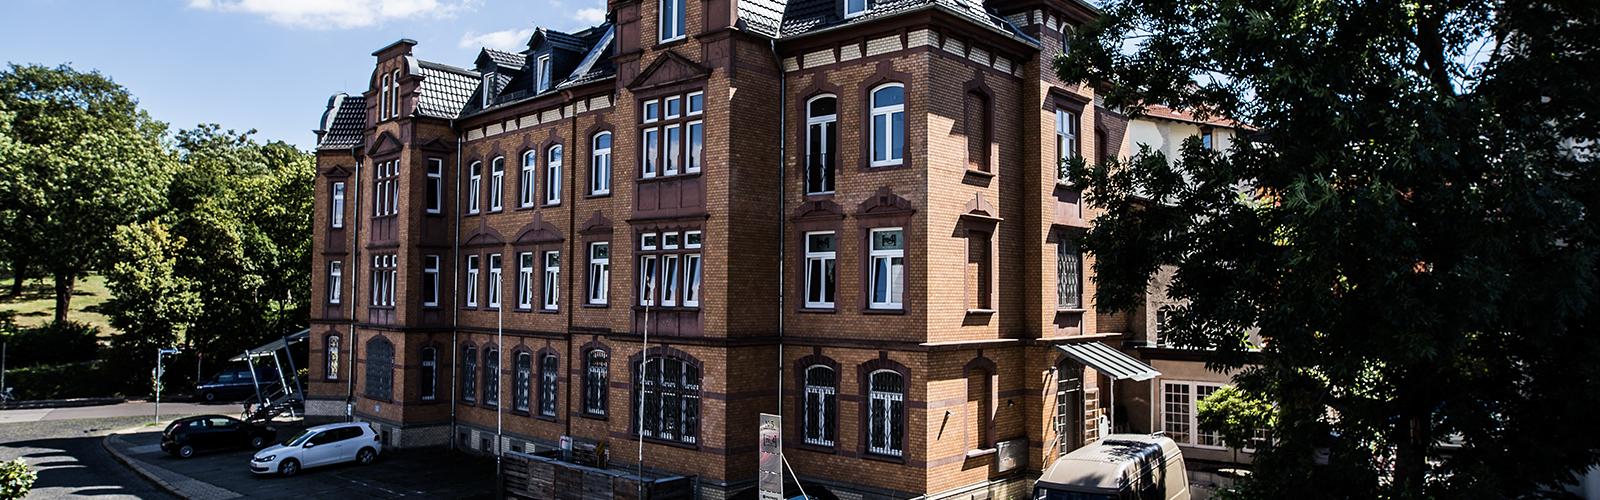 Hostelfront_Re4Hostel_Erfurt_Übernachtung_Ferienwohnungen_apartments_bedbreakfast_apartments-(1)